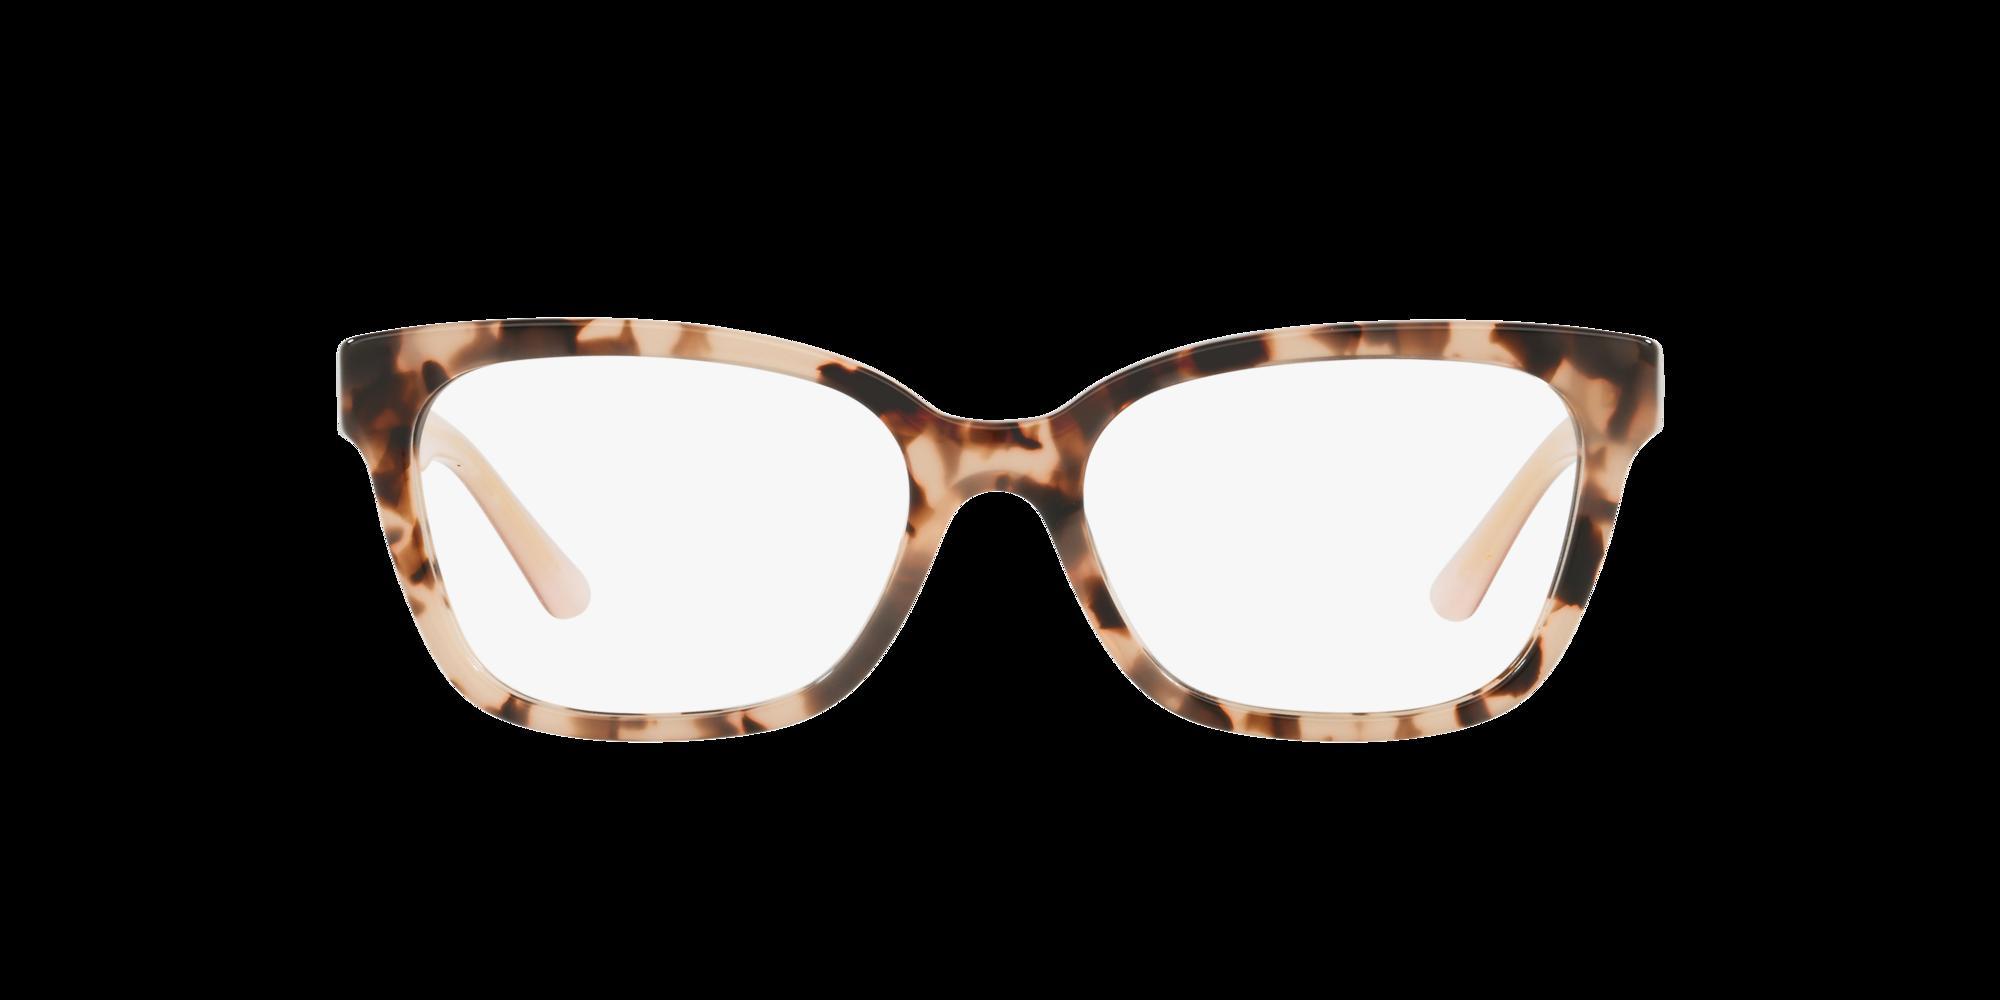 Imagen para TY2084 de LensCrafters |  Espejuelos, espejuelos graduados en línea, gafas